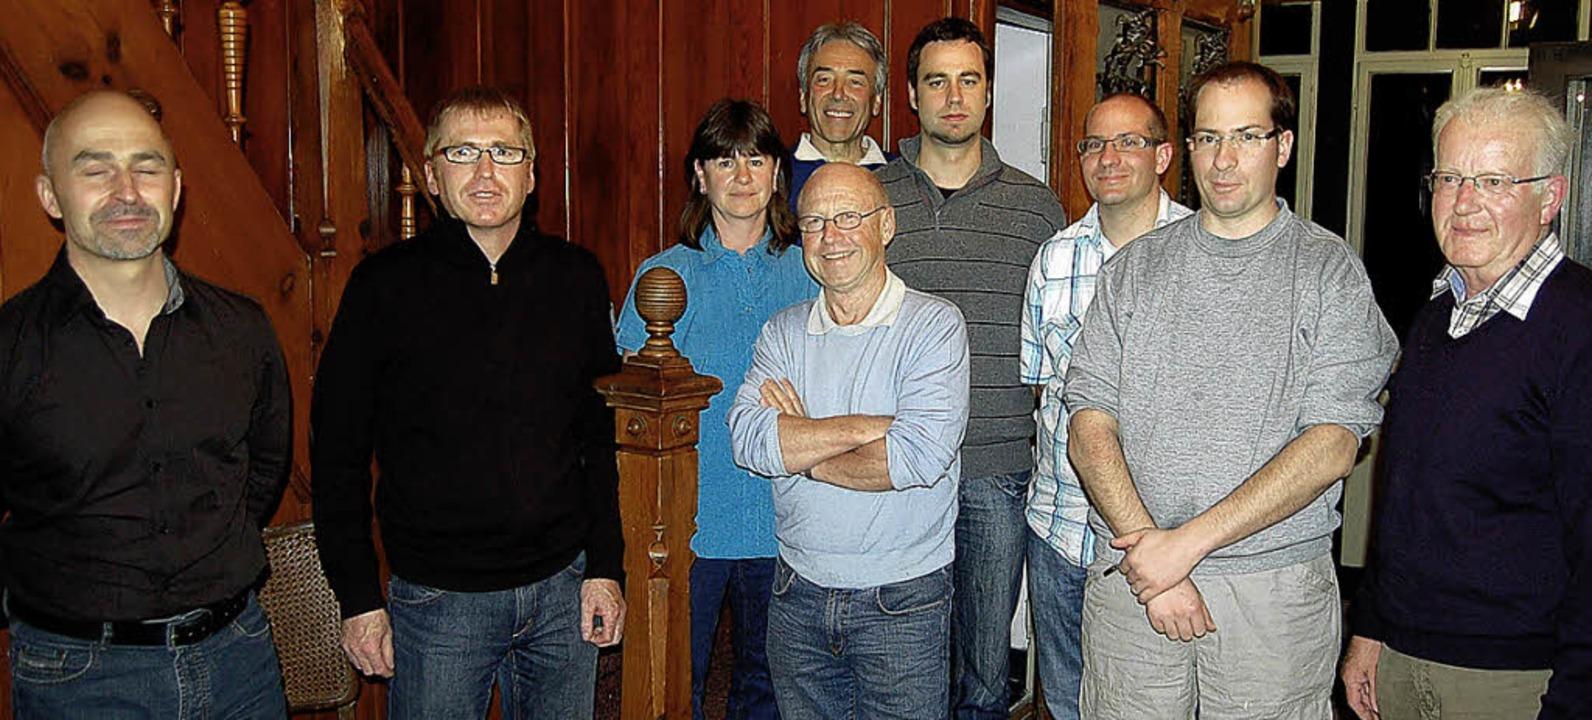 Der neugewählte  Vorsitzende des Tenni...von rechts) mit seinem Vorstandsteam.     Foto: Ulrike Jäger